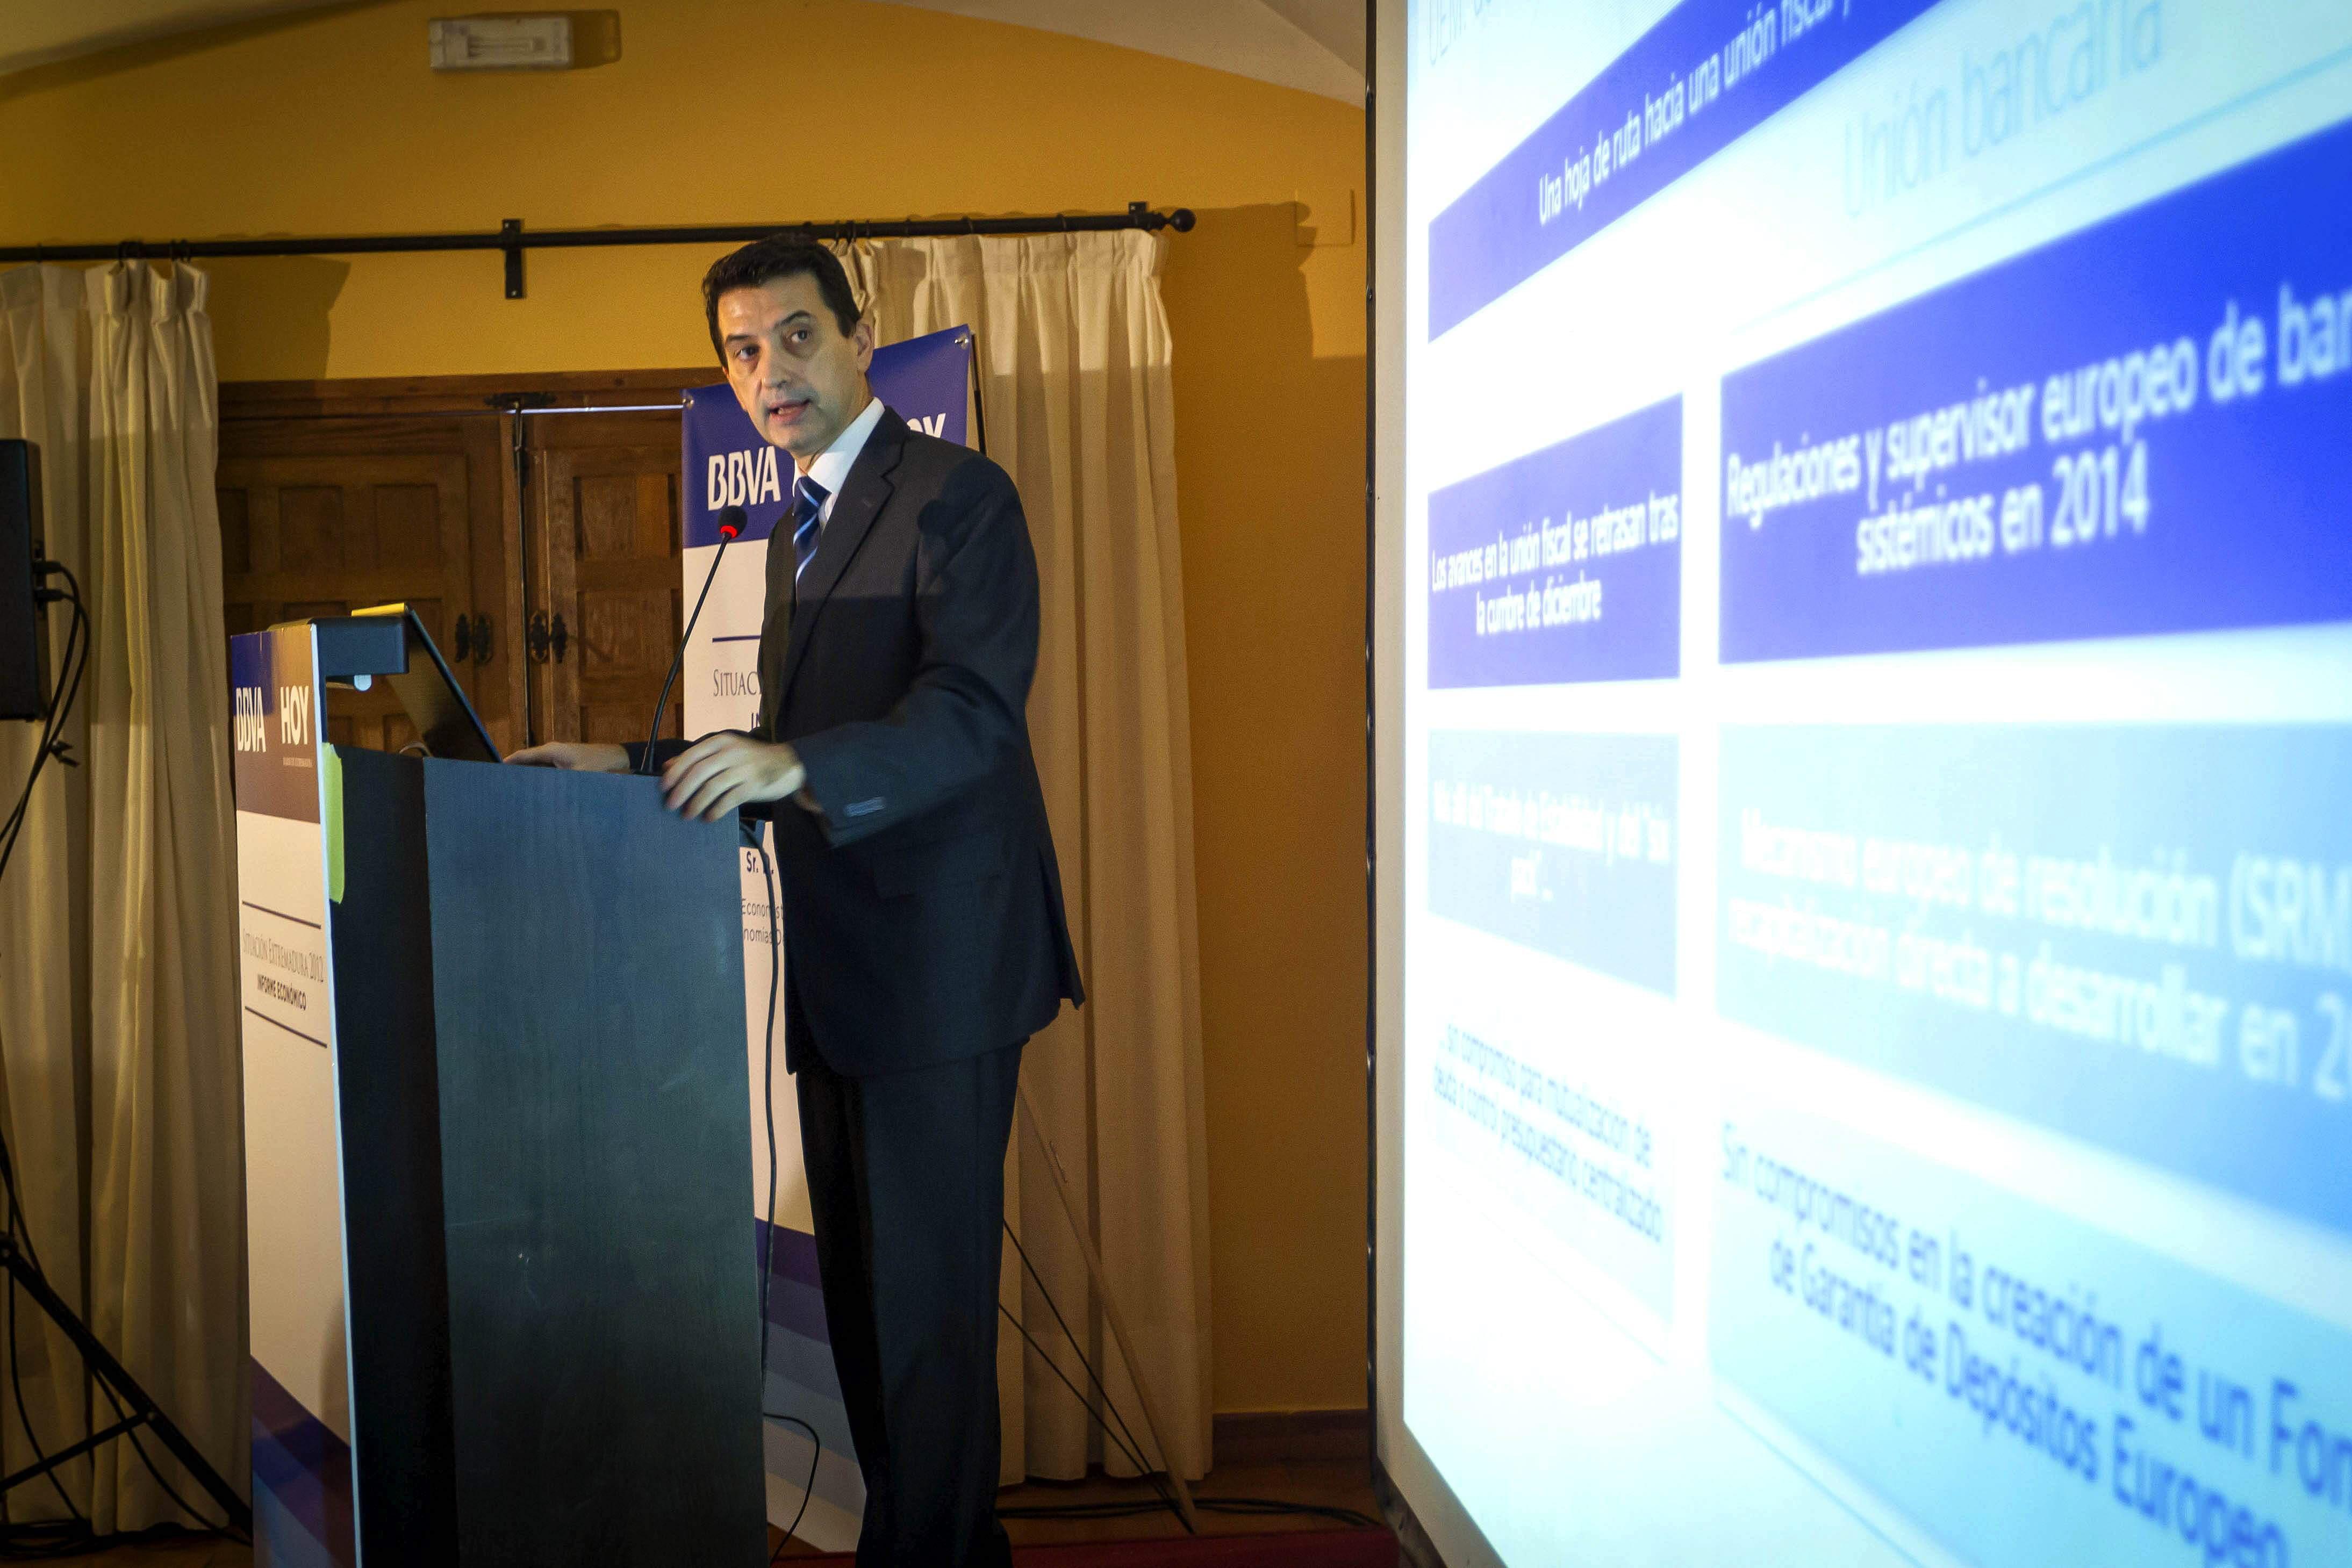 El BBVA dice que Andalucía continuará su ajuste en 2013 y crecerá moderadamente en 2014